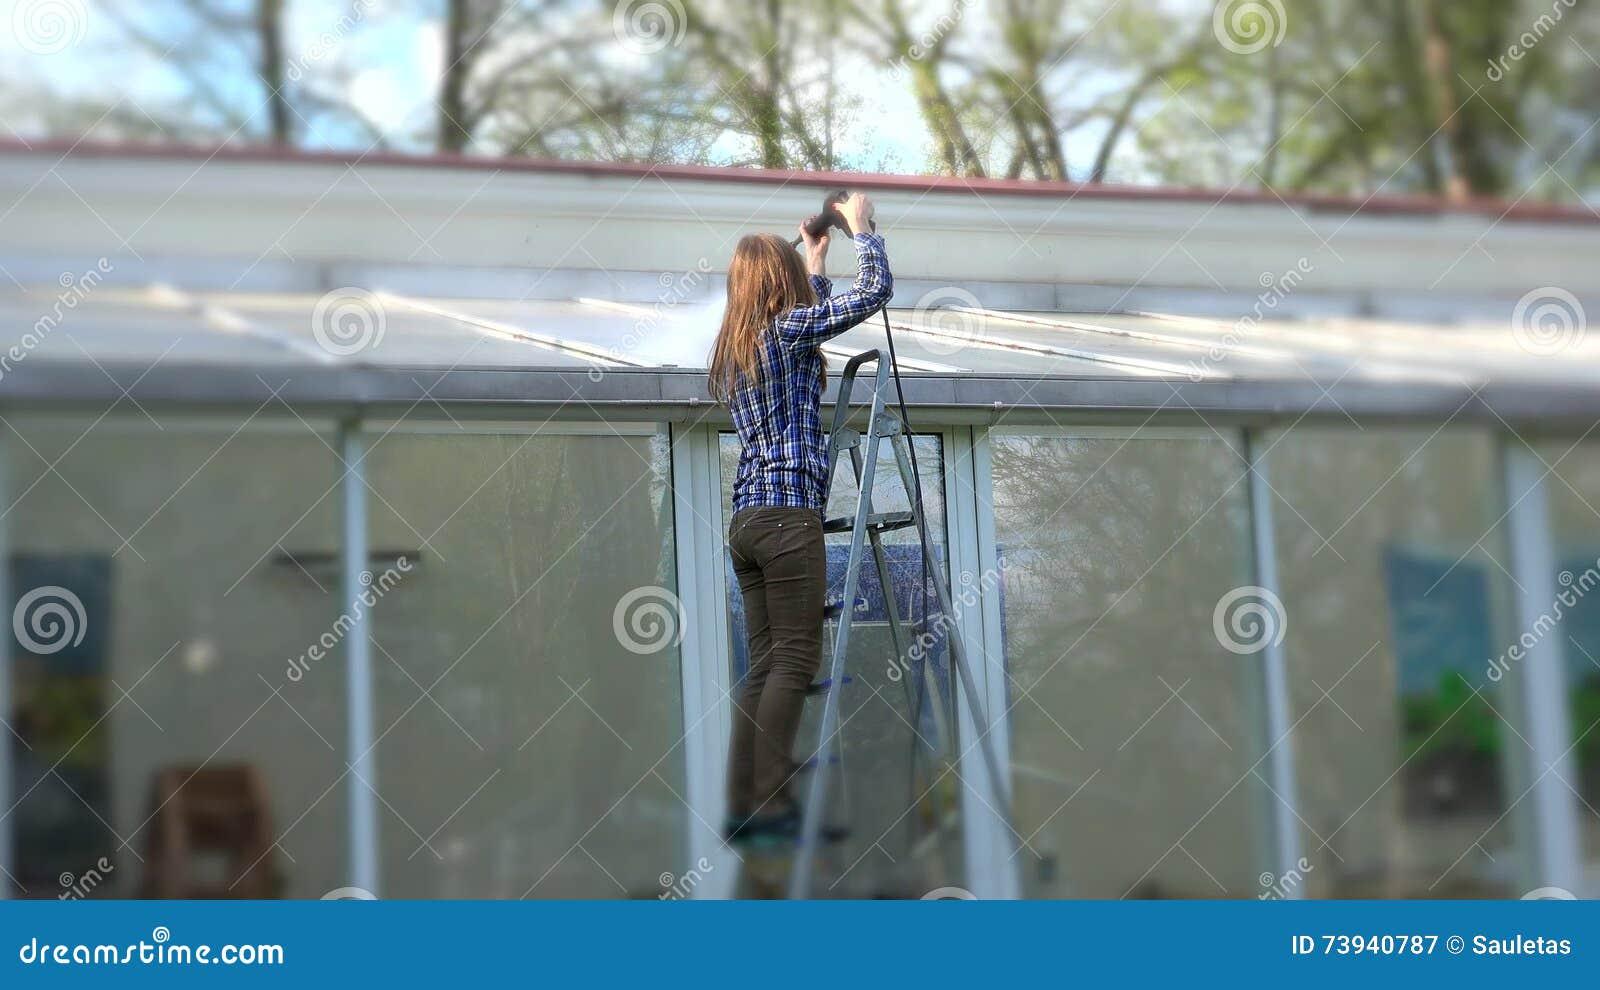 Toit en verre maison simple faites un toit en verre pour for Maison toit en verre